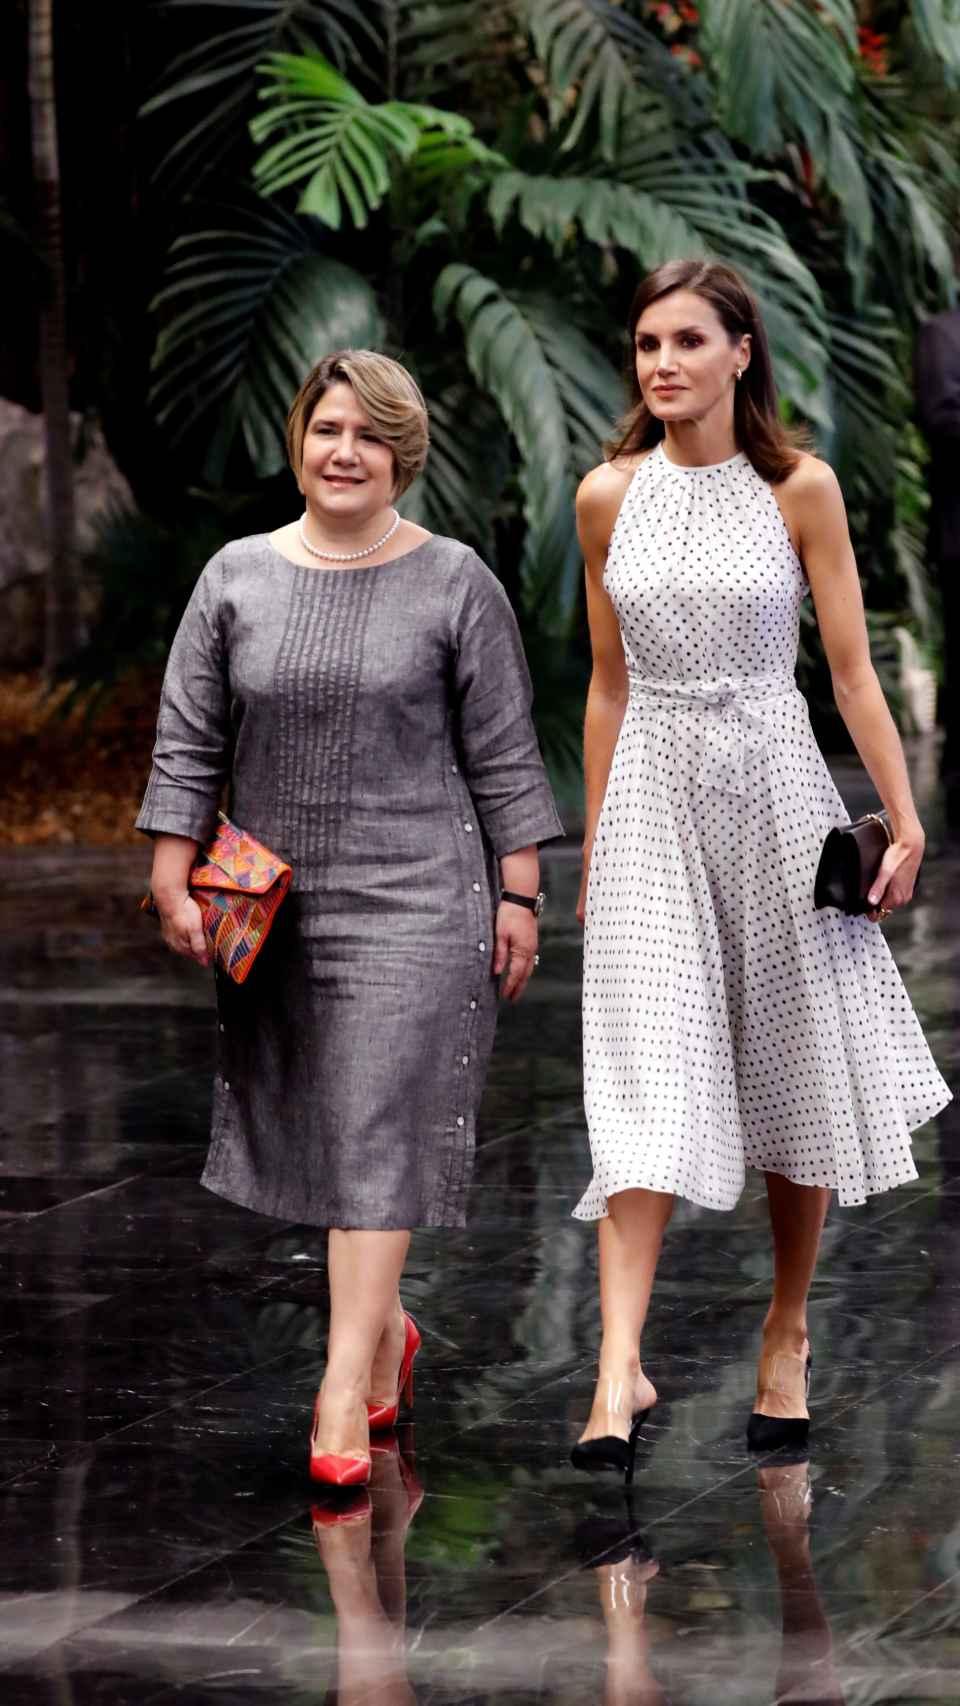 La reina Letizia ha vuelto a lucir el vestido con el que visitó República Dominicana.